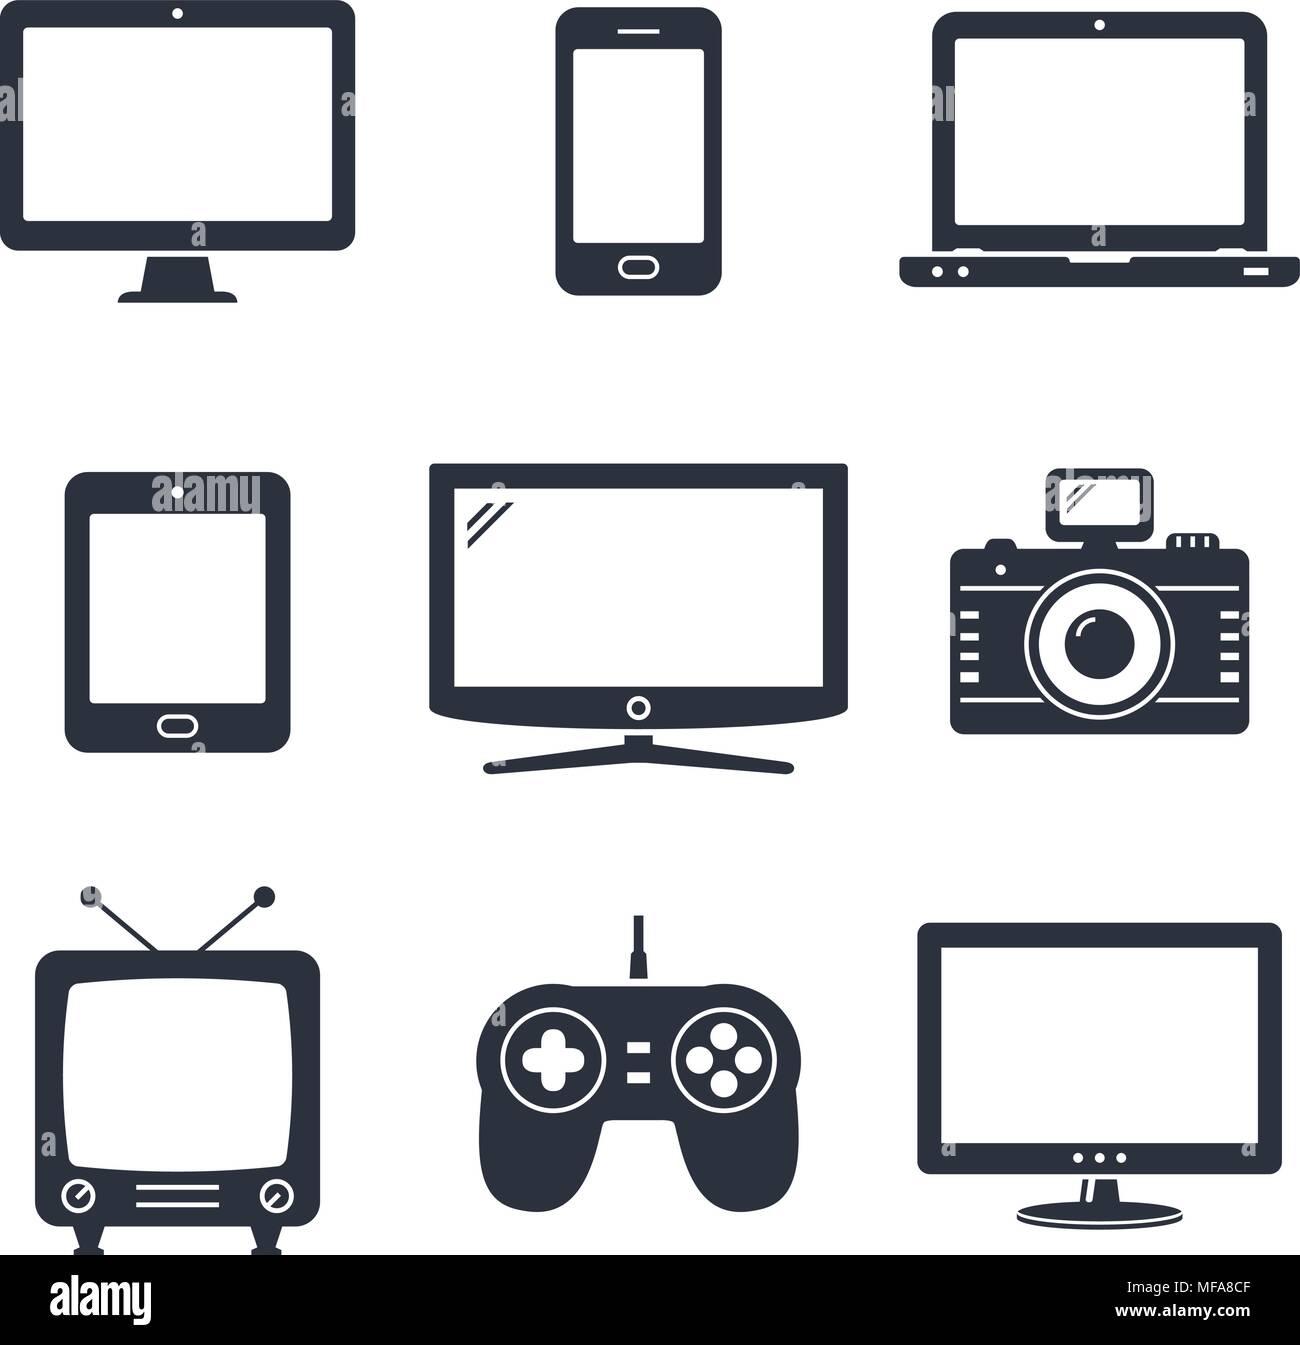 Moderne digitale Geräte und elektronische Geräte Symbole. Vector ...